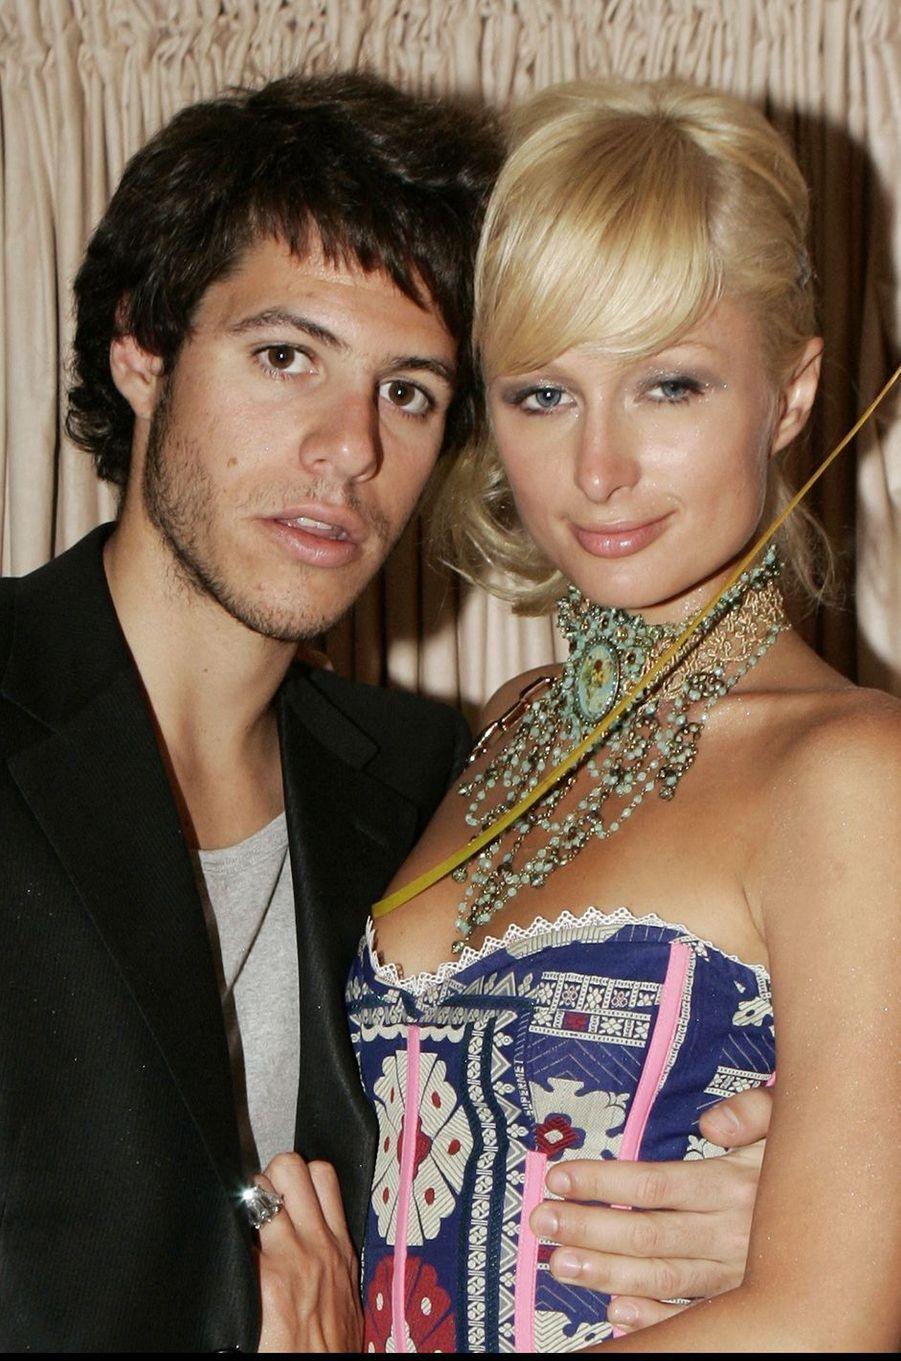 Paris Latsis (héritier grec) et Paris Hilton ont été ensemble entre 2004 et 2005, période durant laquelle ils ont été aussi fiancés